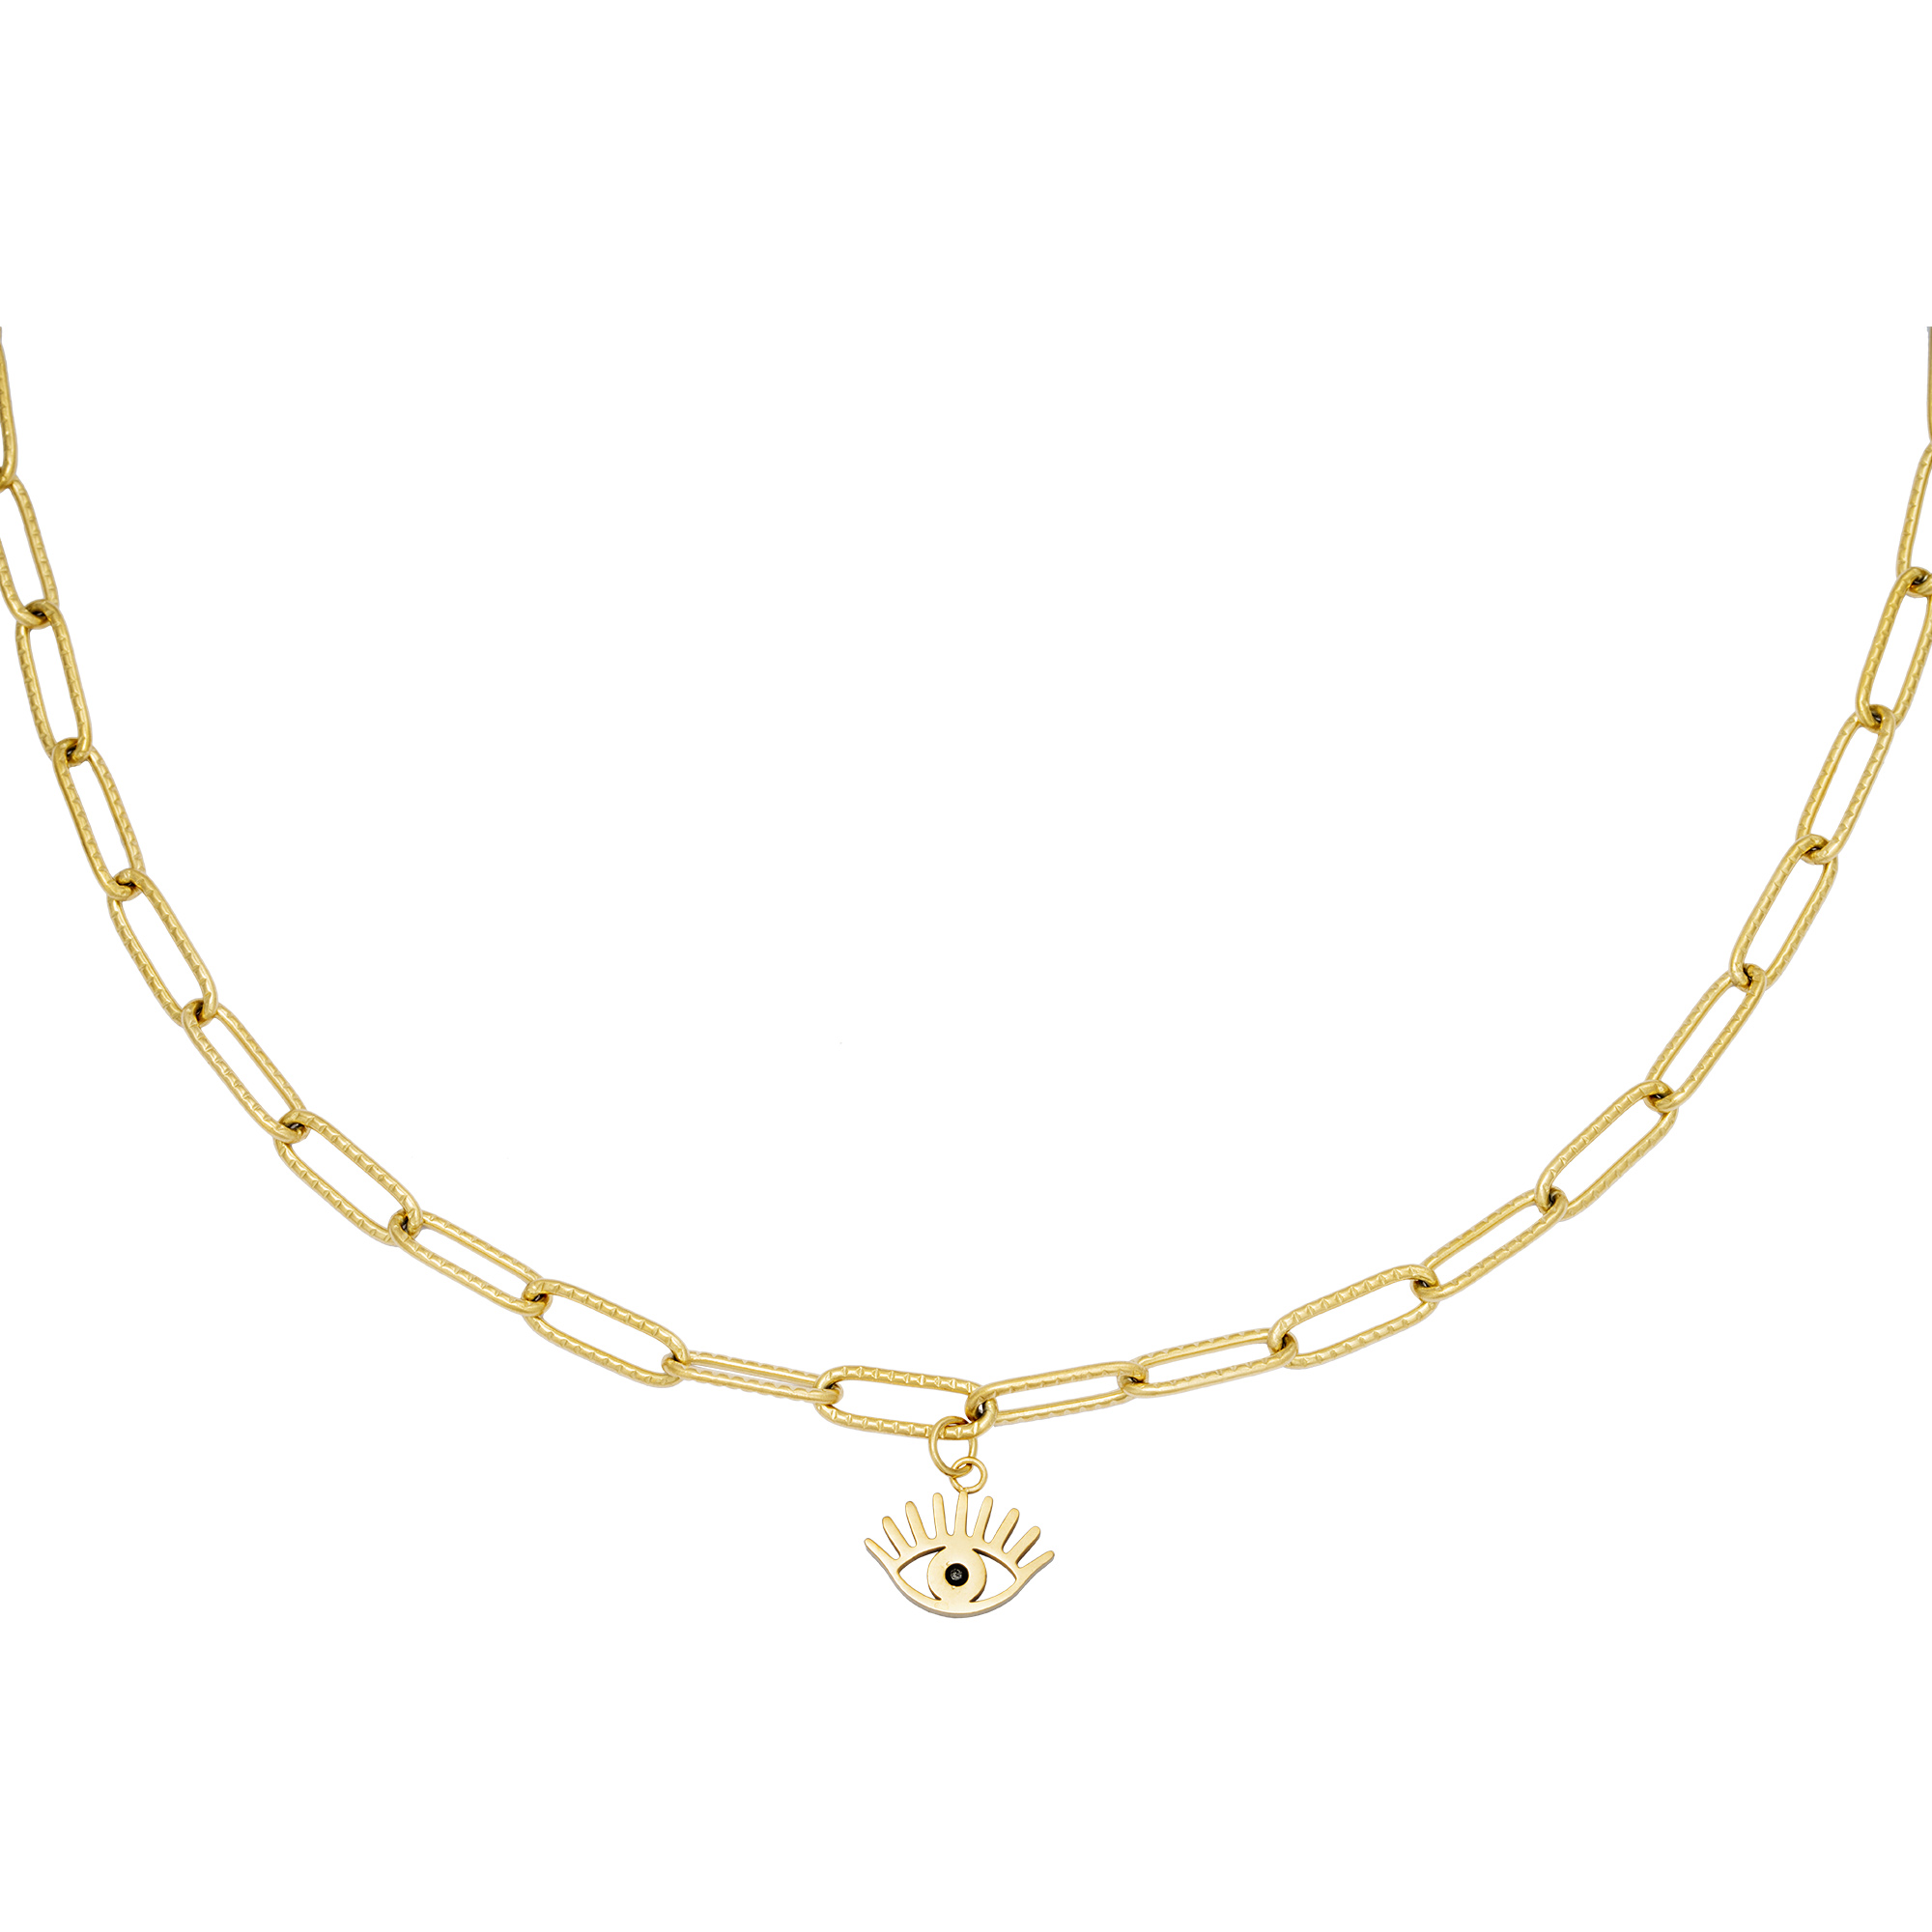 Schakelketting Eye Suprise goud gouden schakelketting oog bedel rvs roest vrij stalen sieraden kettingen kopen bestellen 1